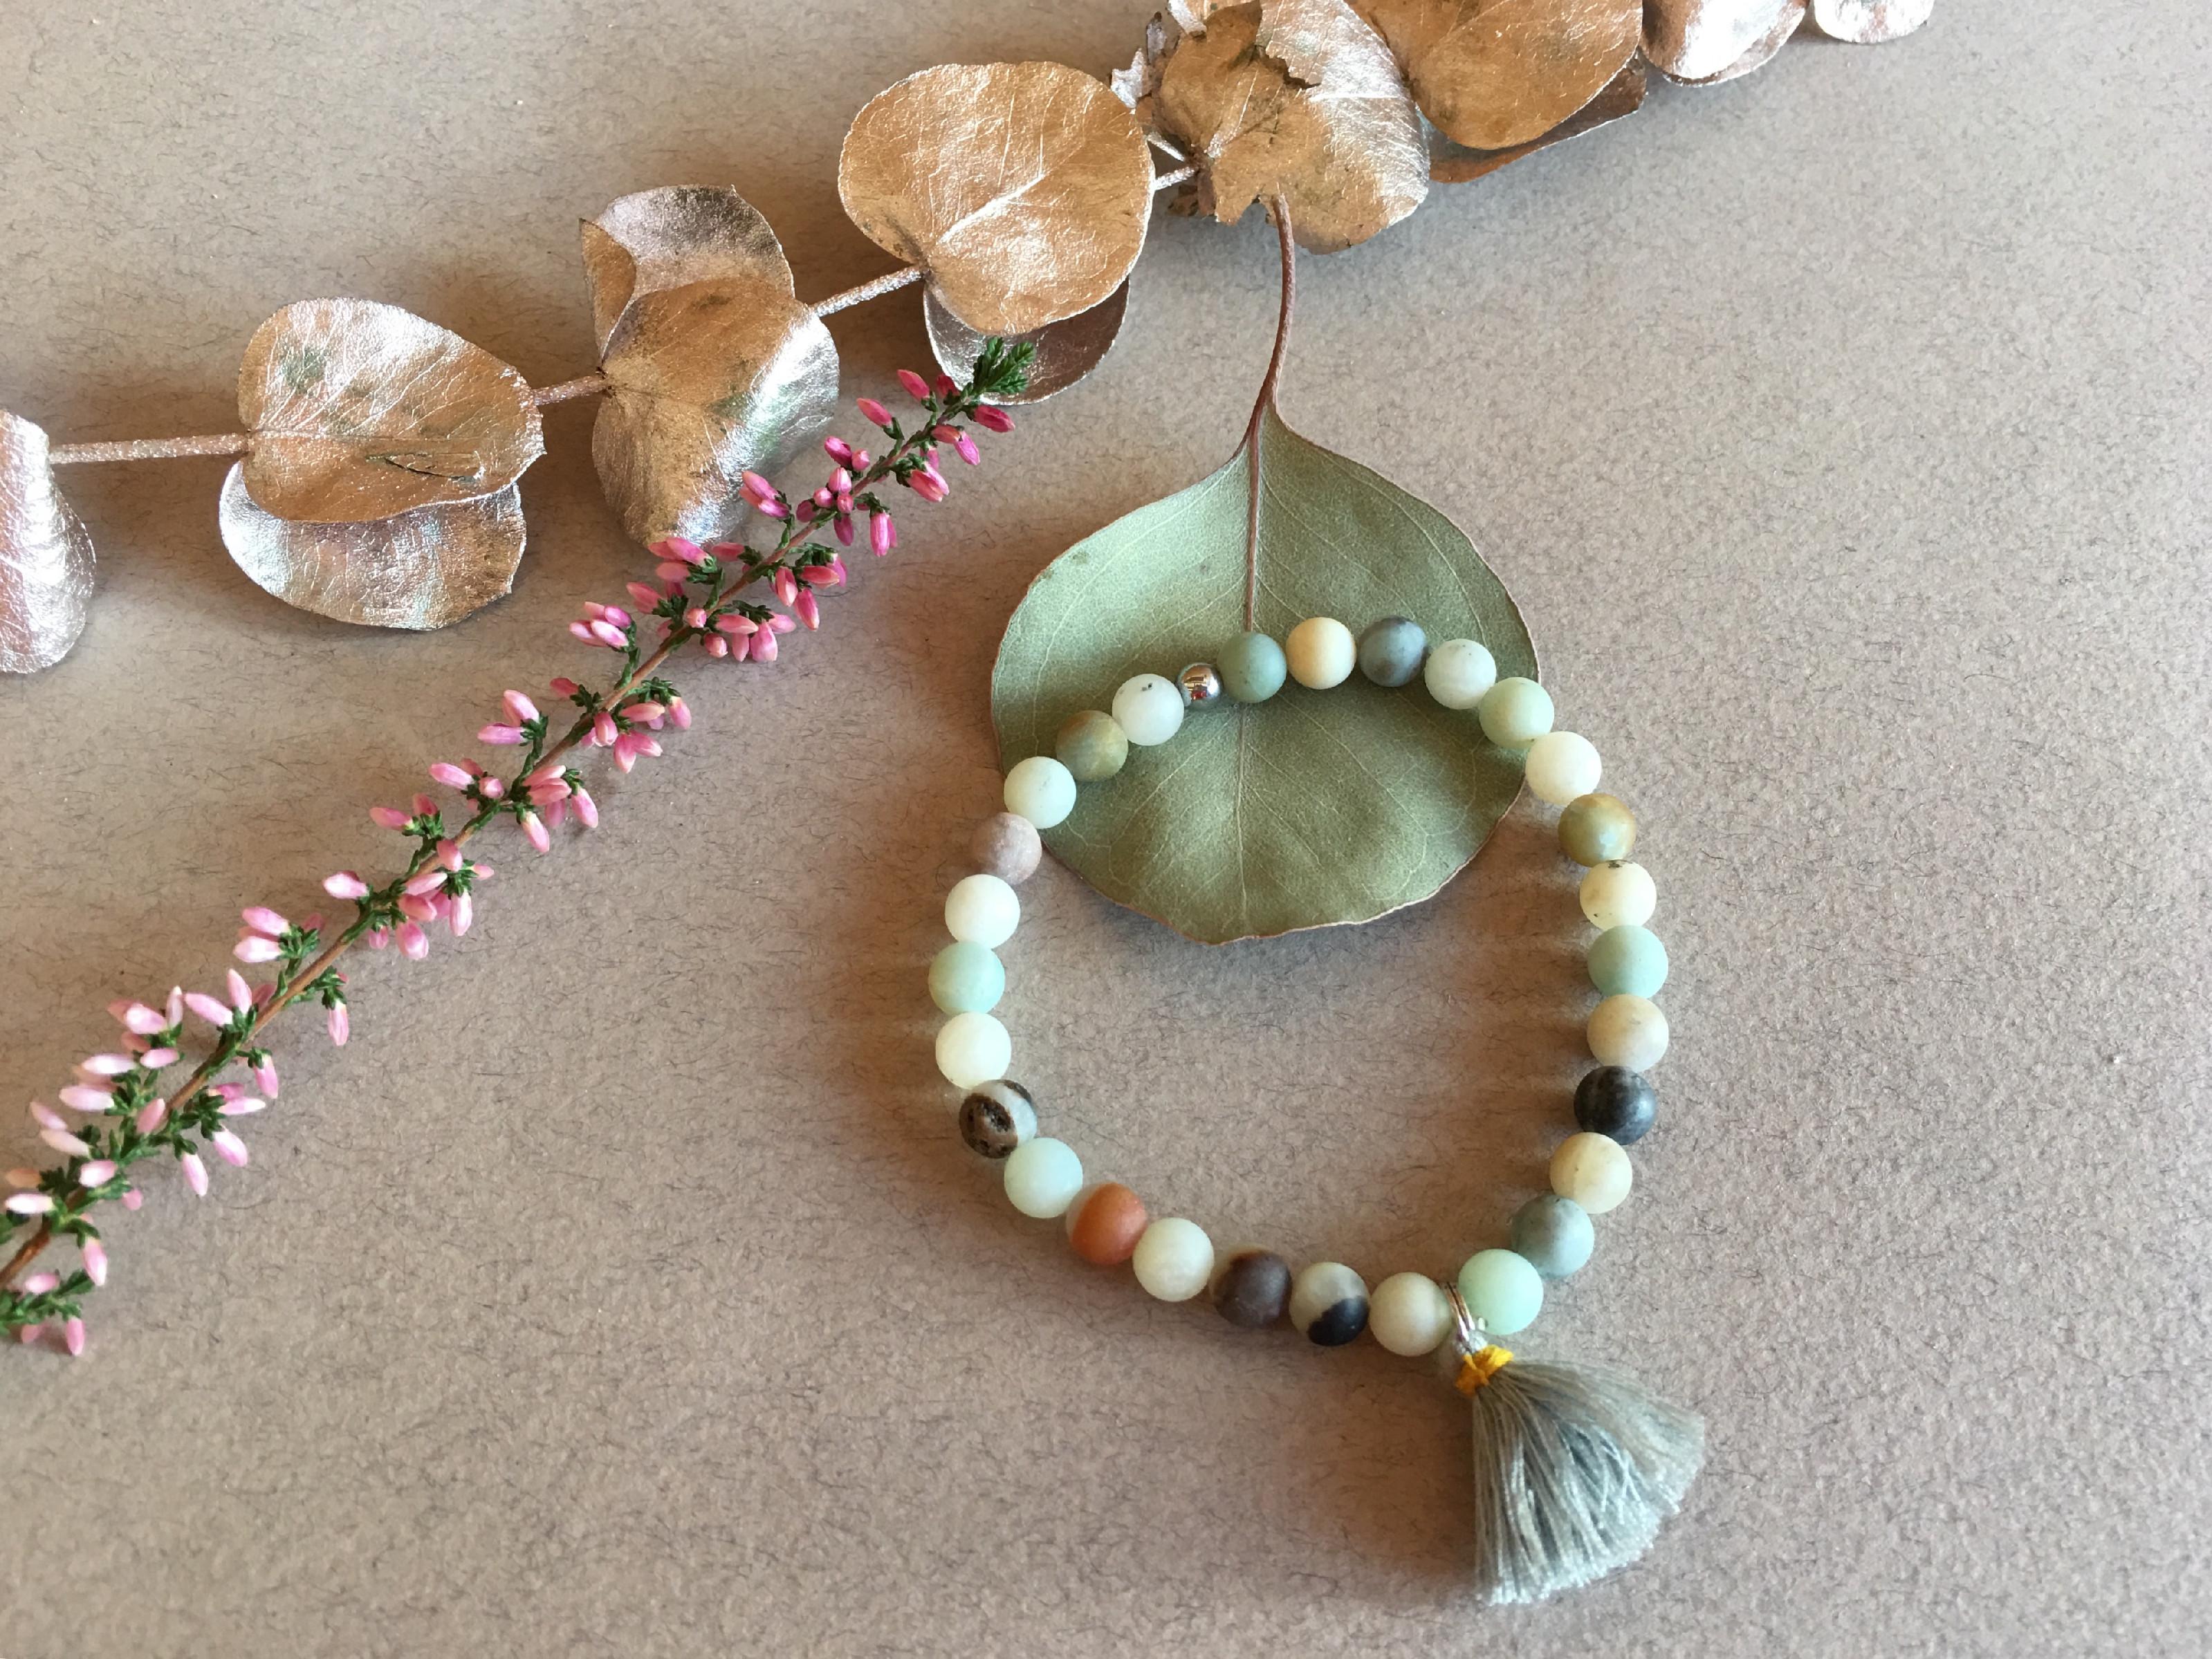 2bears Jewellery Dámský náramek Barevný Opál a Amazonit se symbolem Anděla + DOPRAVA ZDARMA po celý rok!